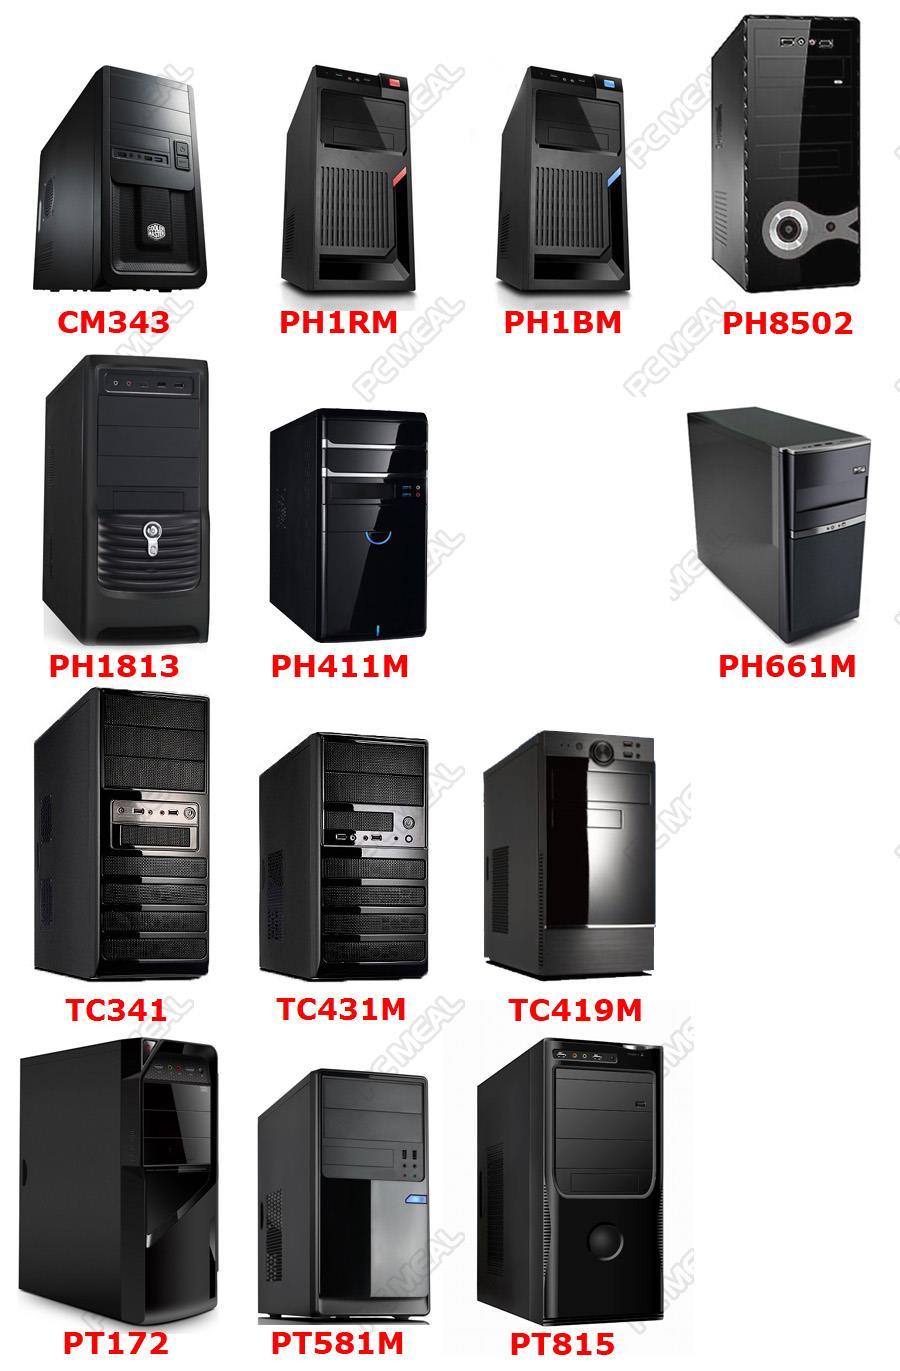 http://www.pcmeal.com/ebay/ComputerSystem/WideTECH/1007221829383091CS503_301.jpg